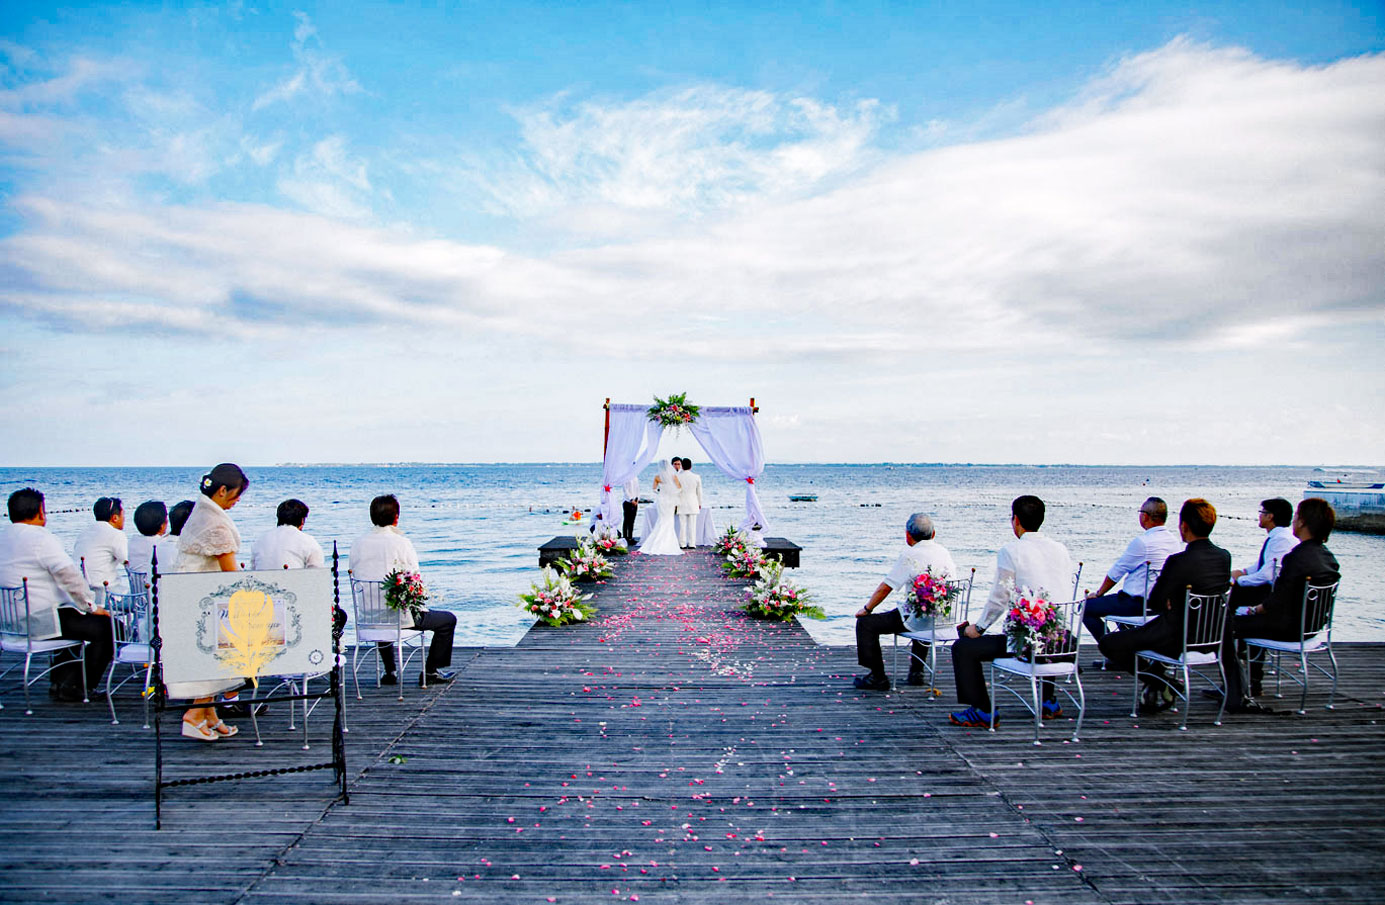 cebu-chateaubythesea-wedding9